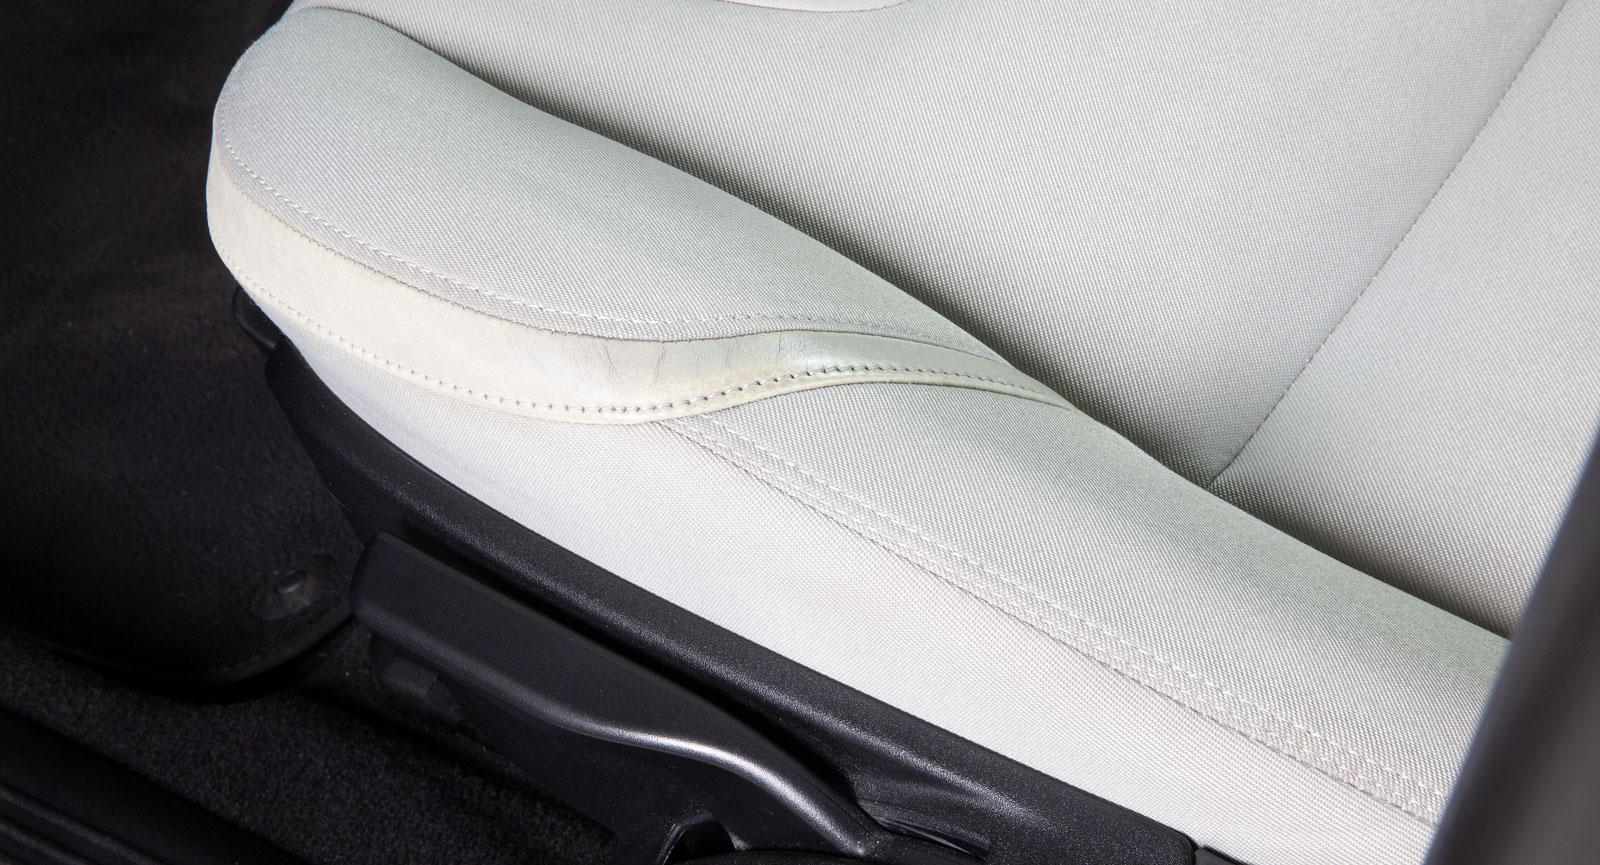 Nästan som ny! En klick läderbalsam gör att  läder/vinyl-remsan ser mindre sliten ut.